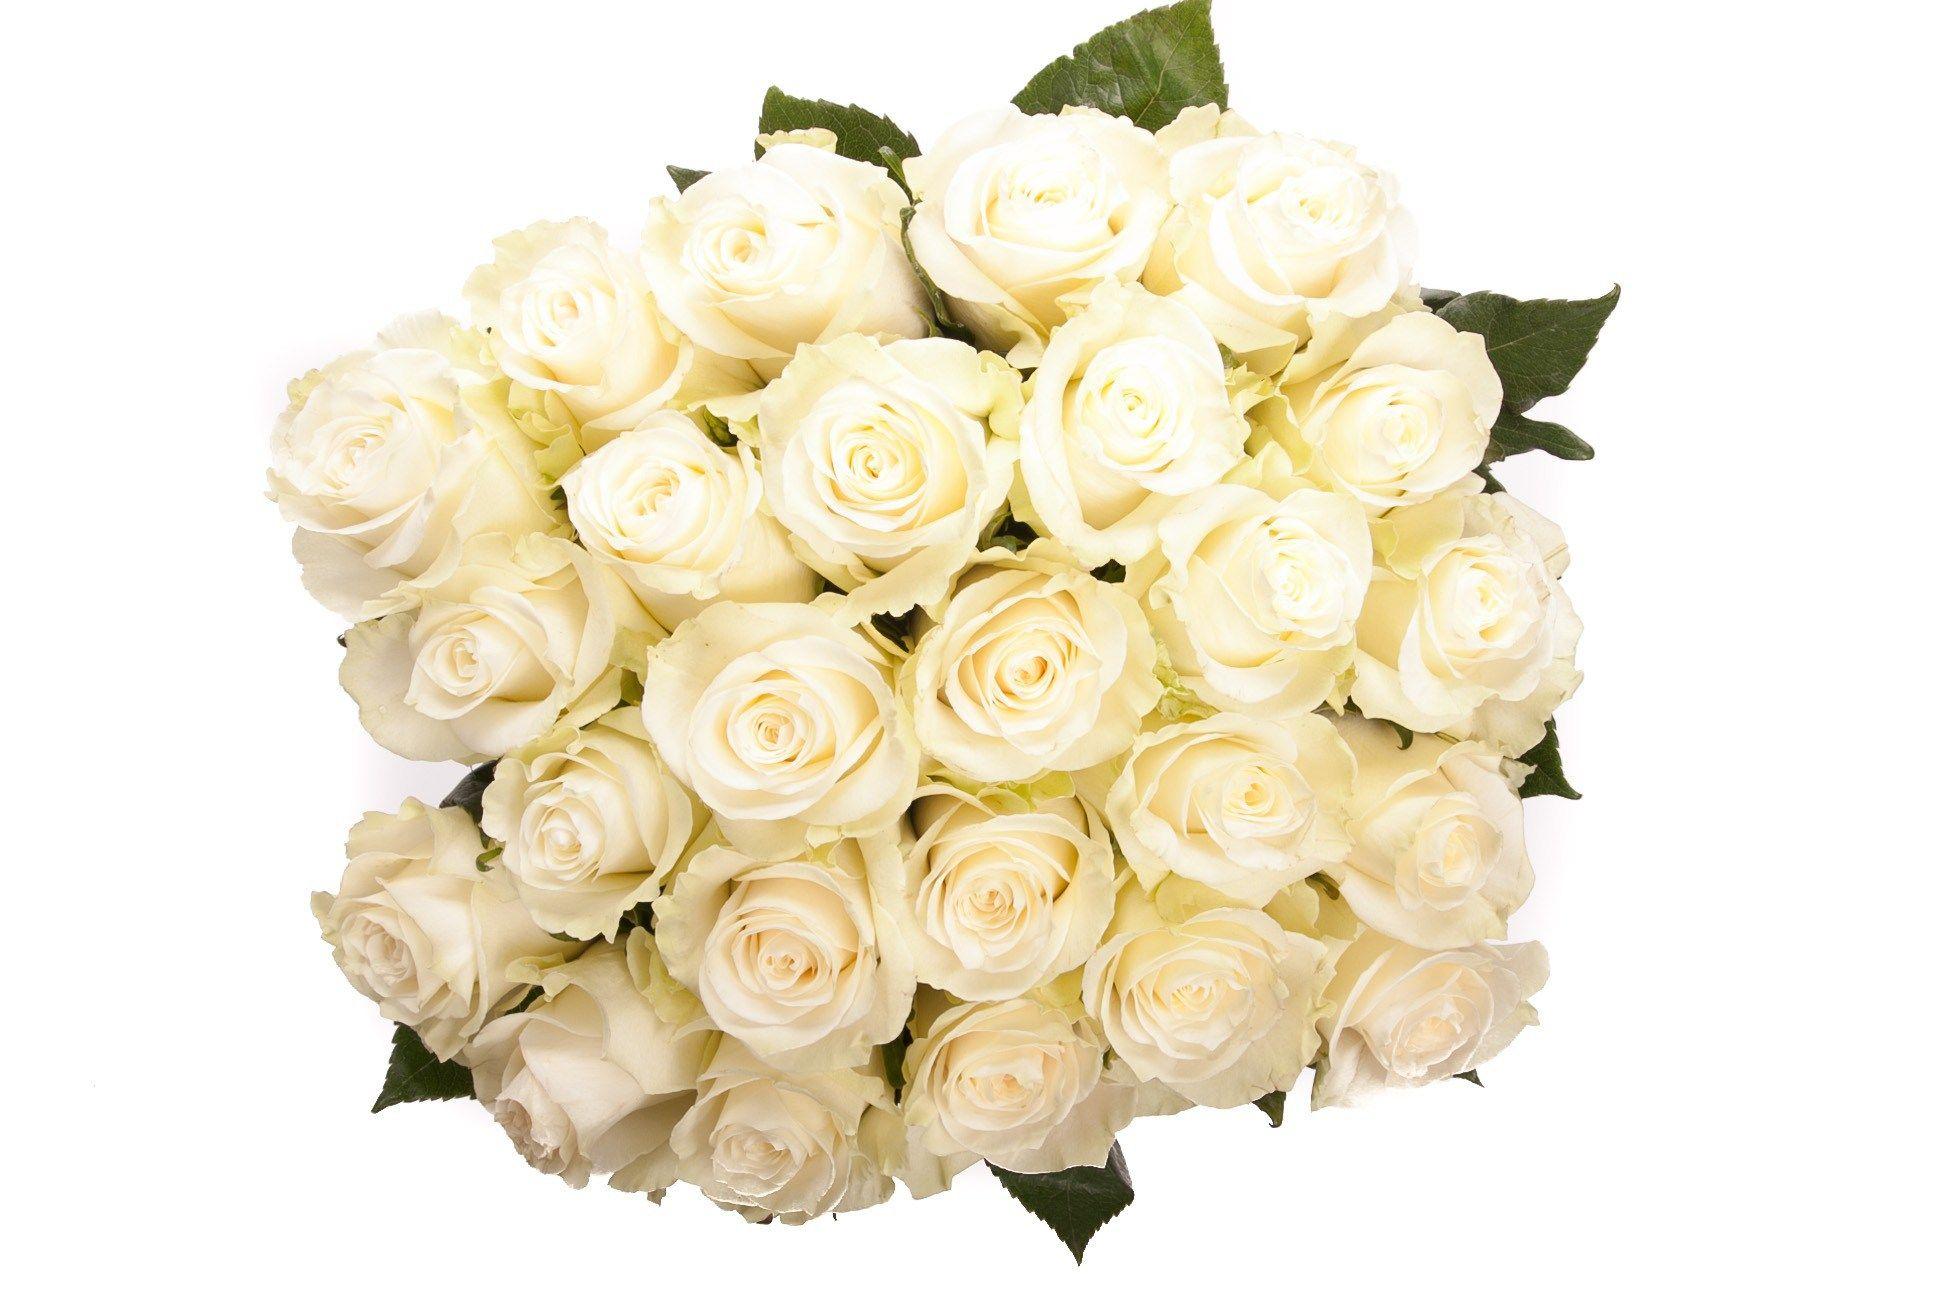 صور ورود بيضاء في غاية الروعة والجمال White Rose Bouquet White Roses Meaning White Roses